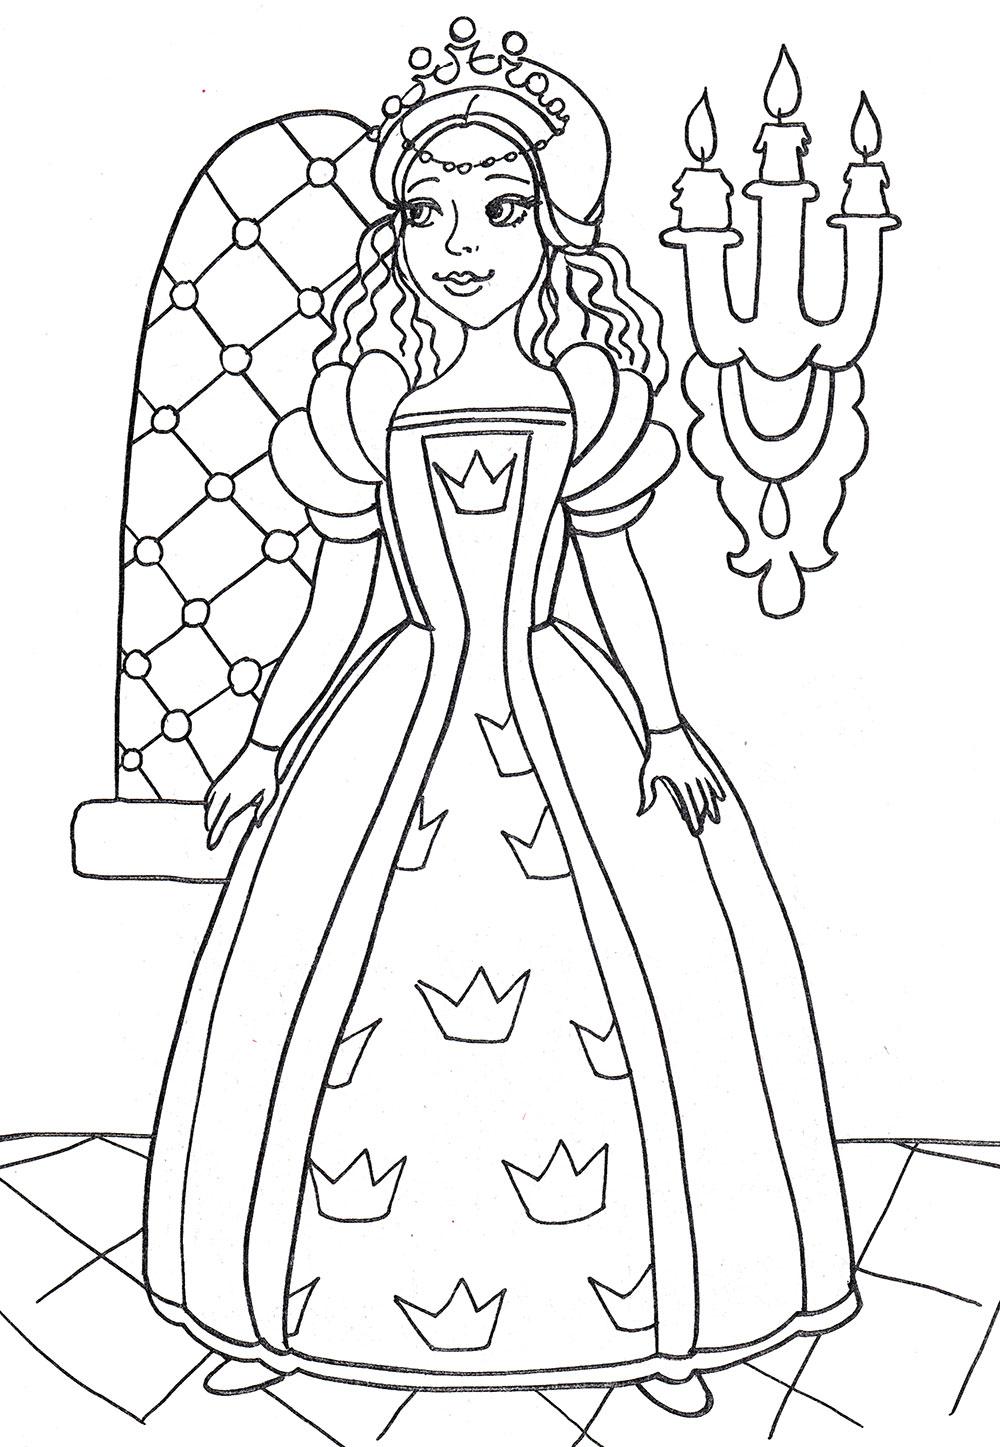 Раскраска Принцесса собралась на бал - распечатать бесплатно